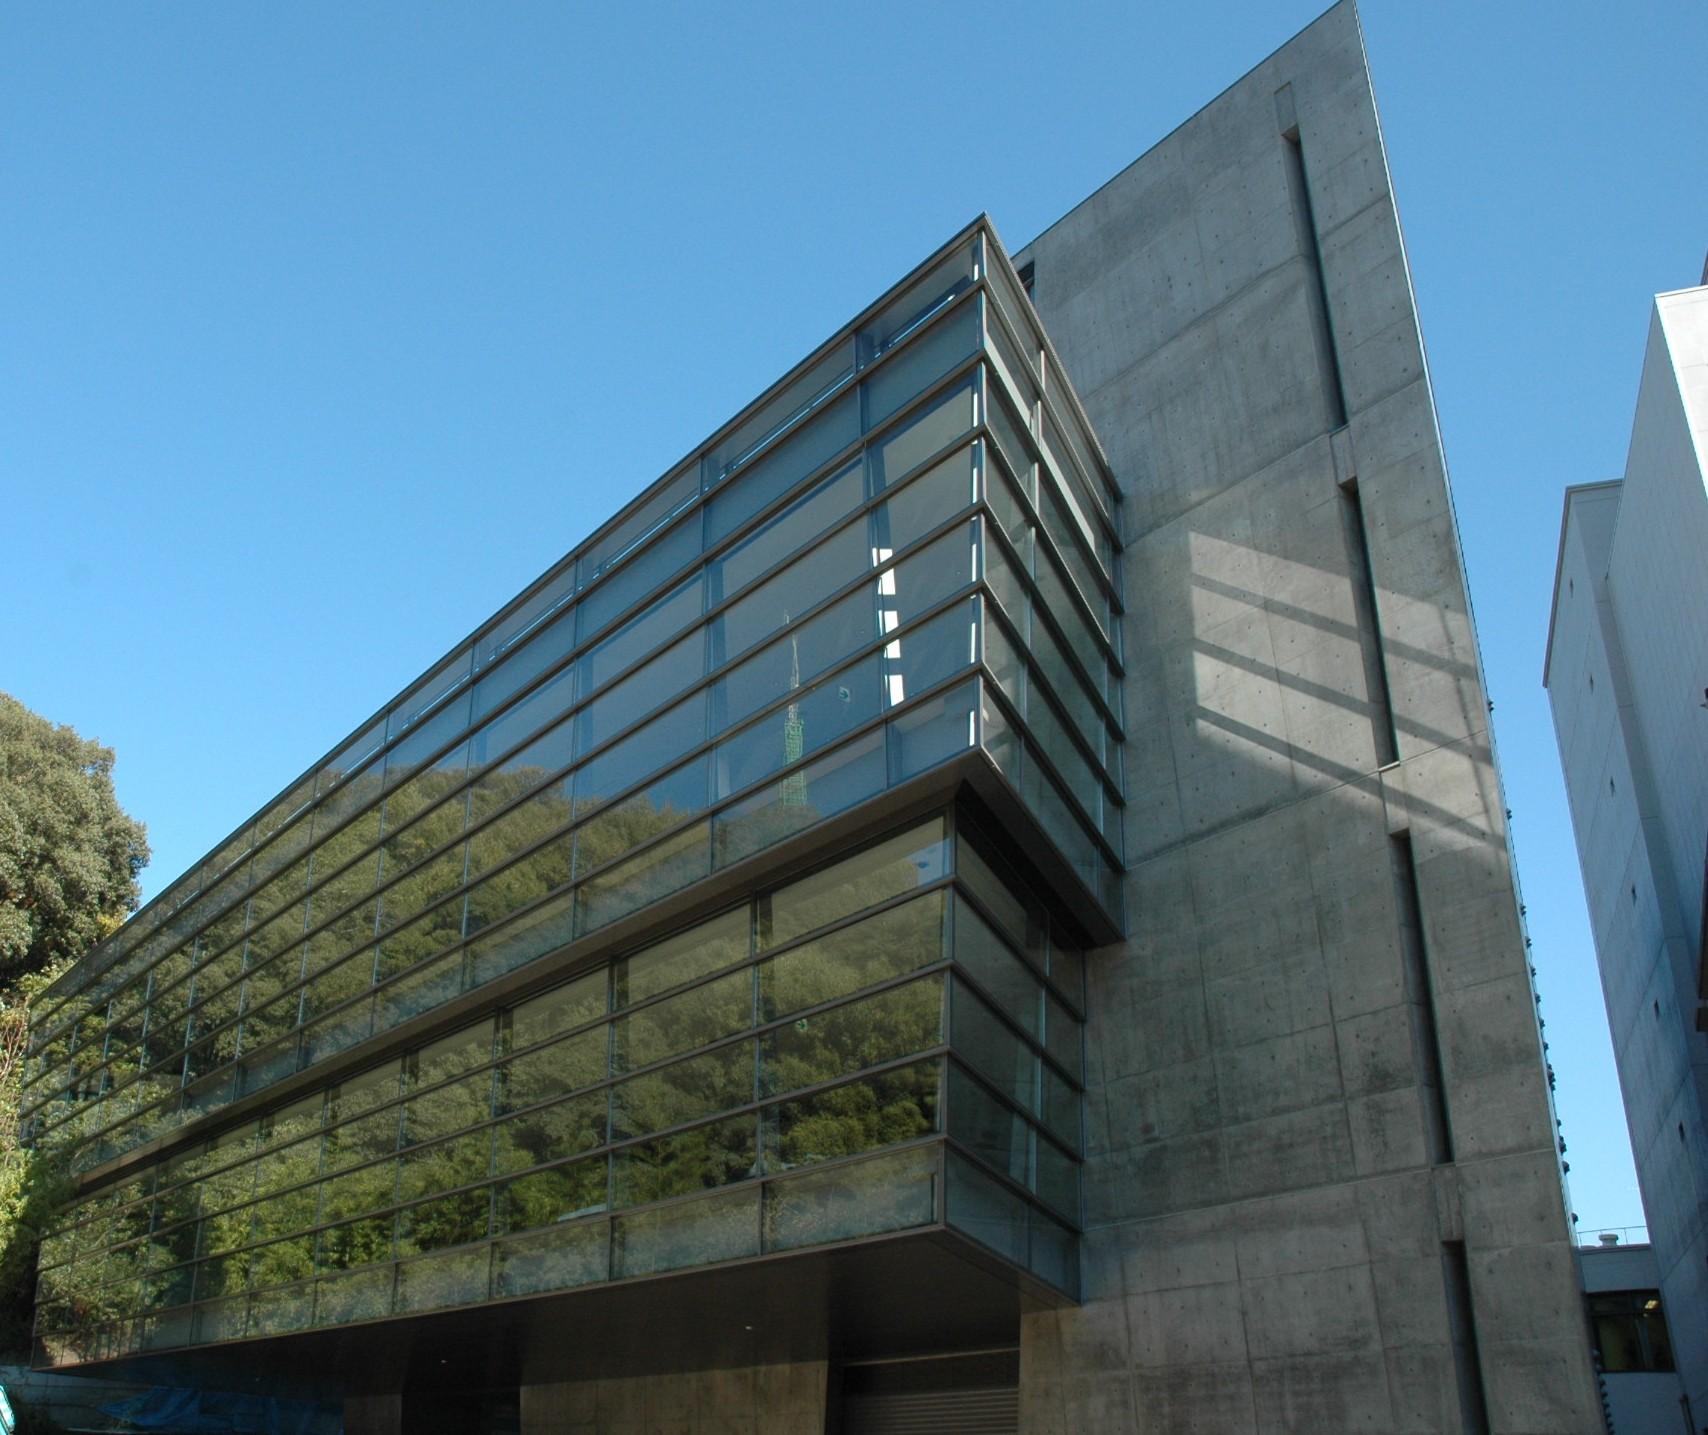 坂の上の雲ミュージアムを見学!おすすめイベントや駐車場情報あり!